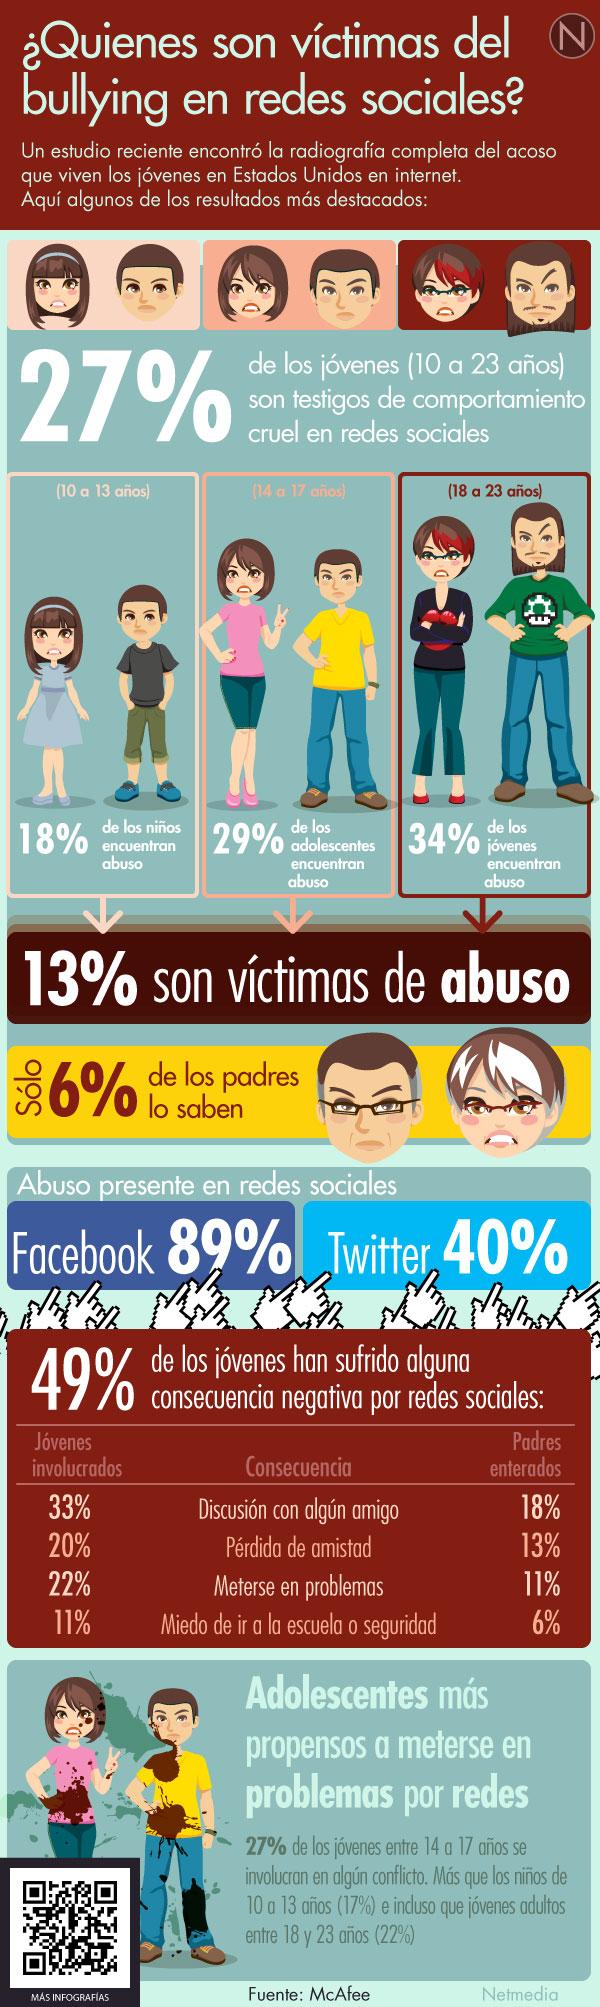 Quiénes son las víctimas de bullying en Redes Sociales